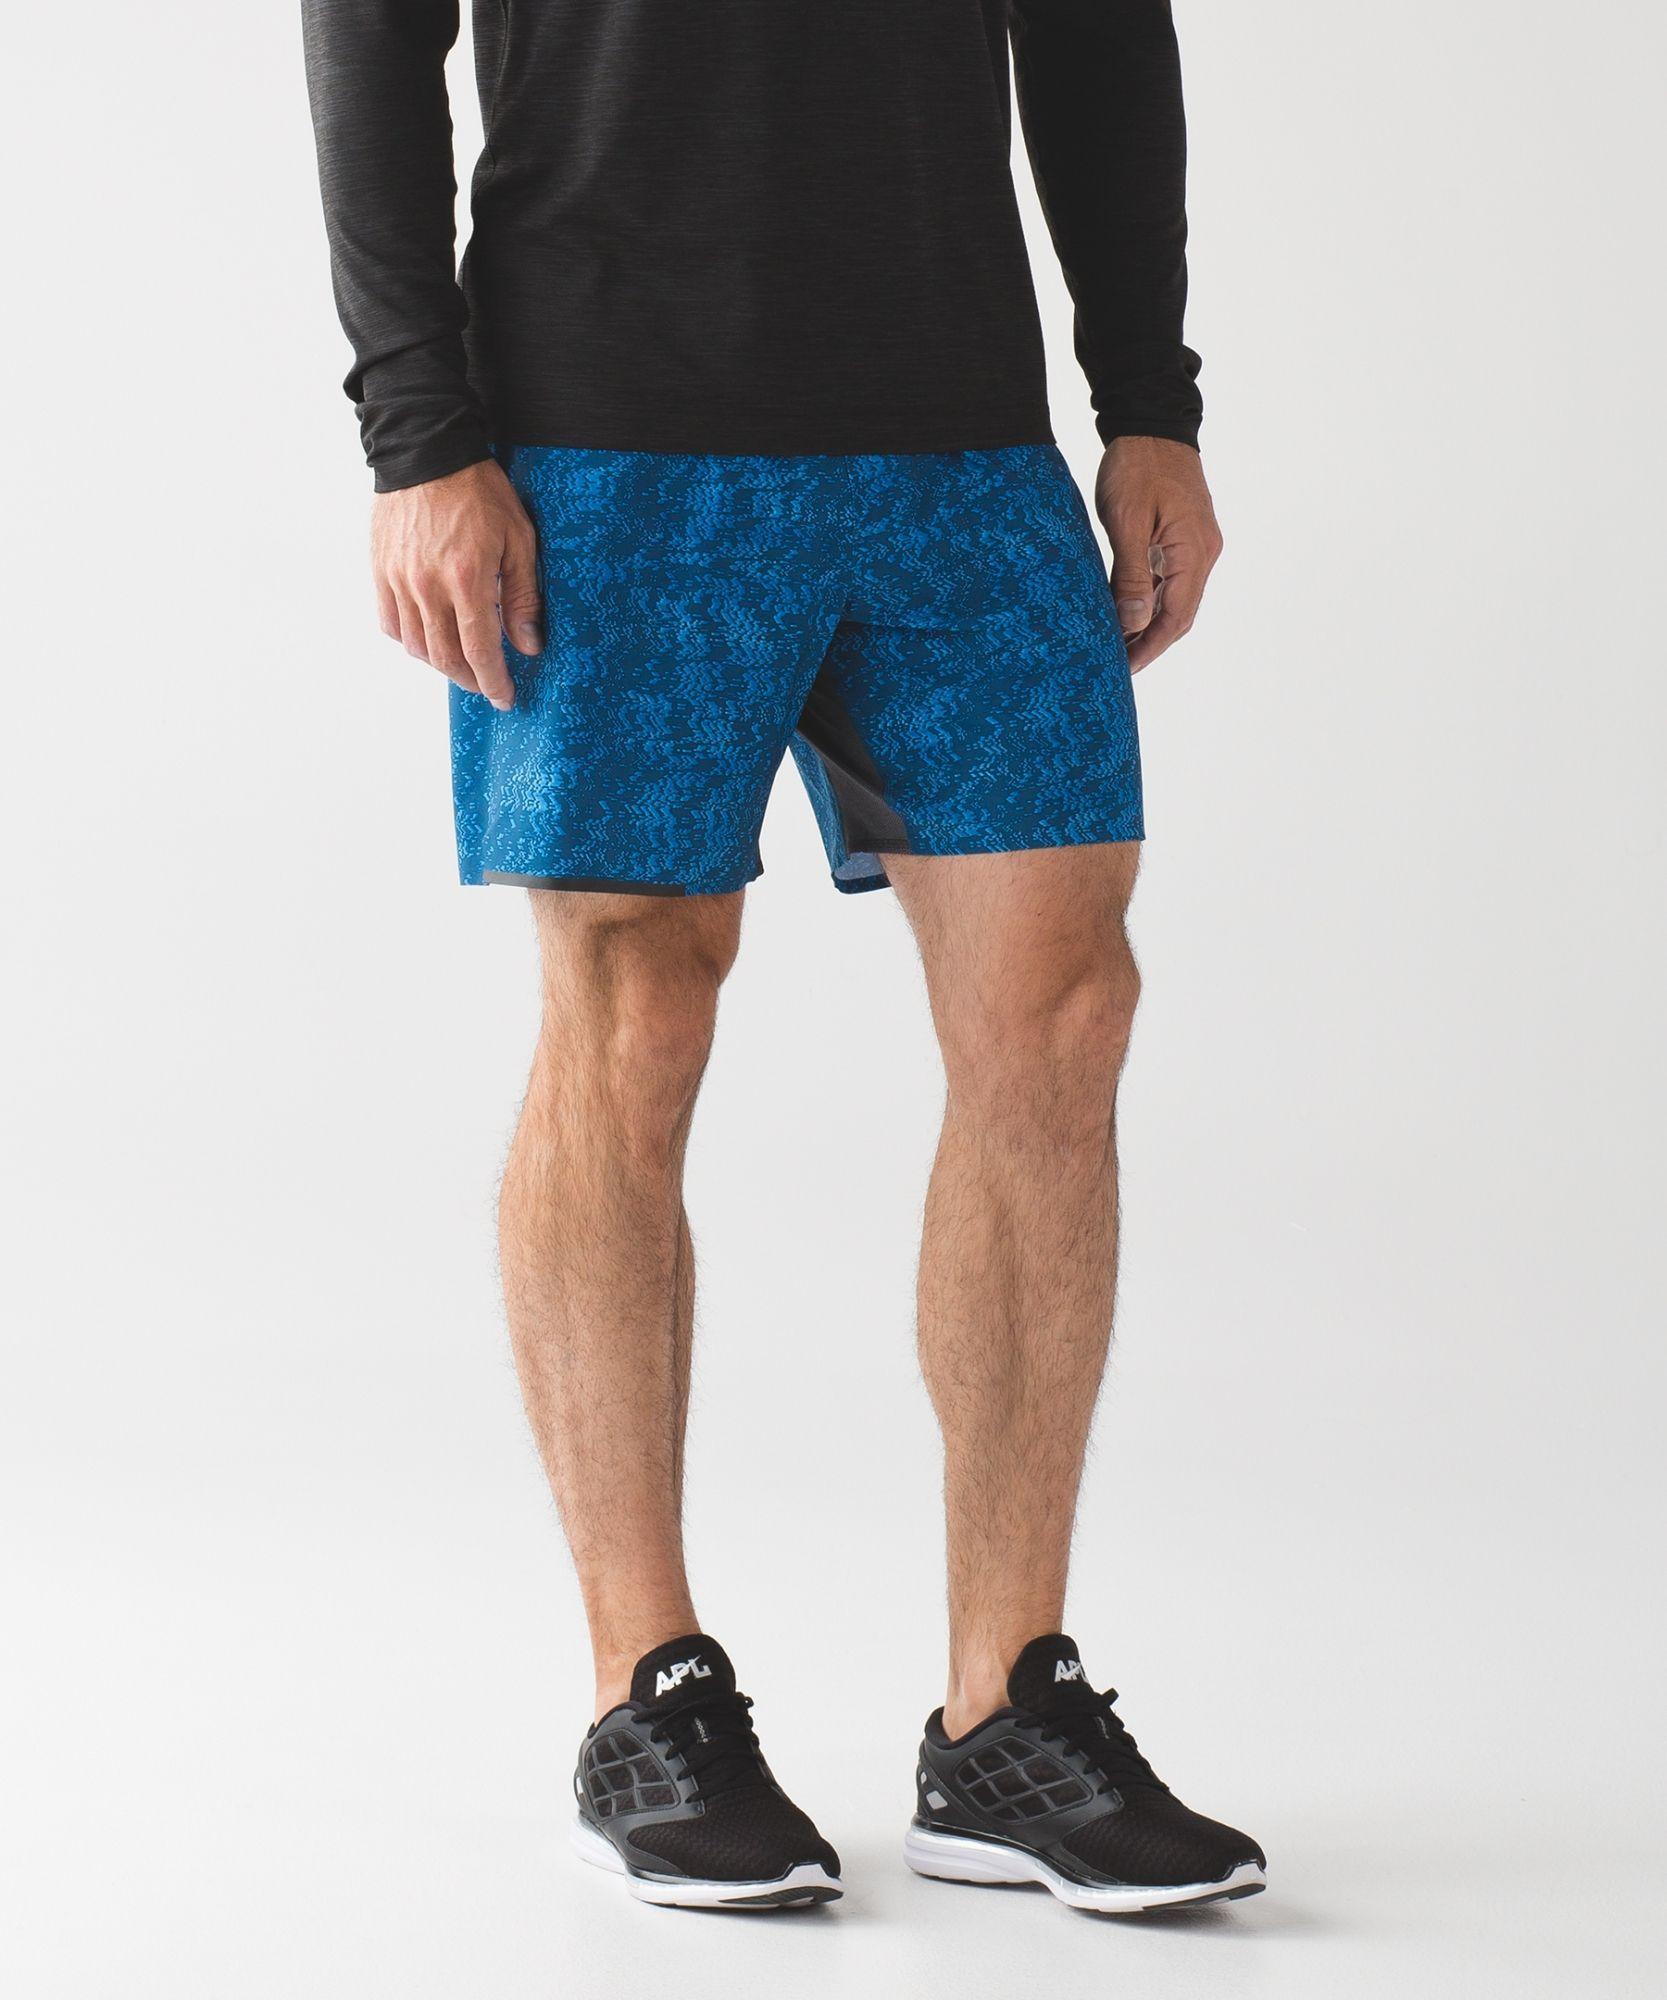 Men's Running Shorts - Surge Short 7